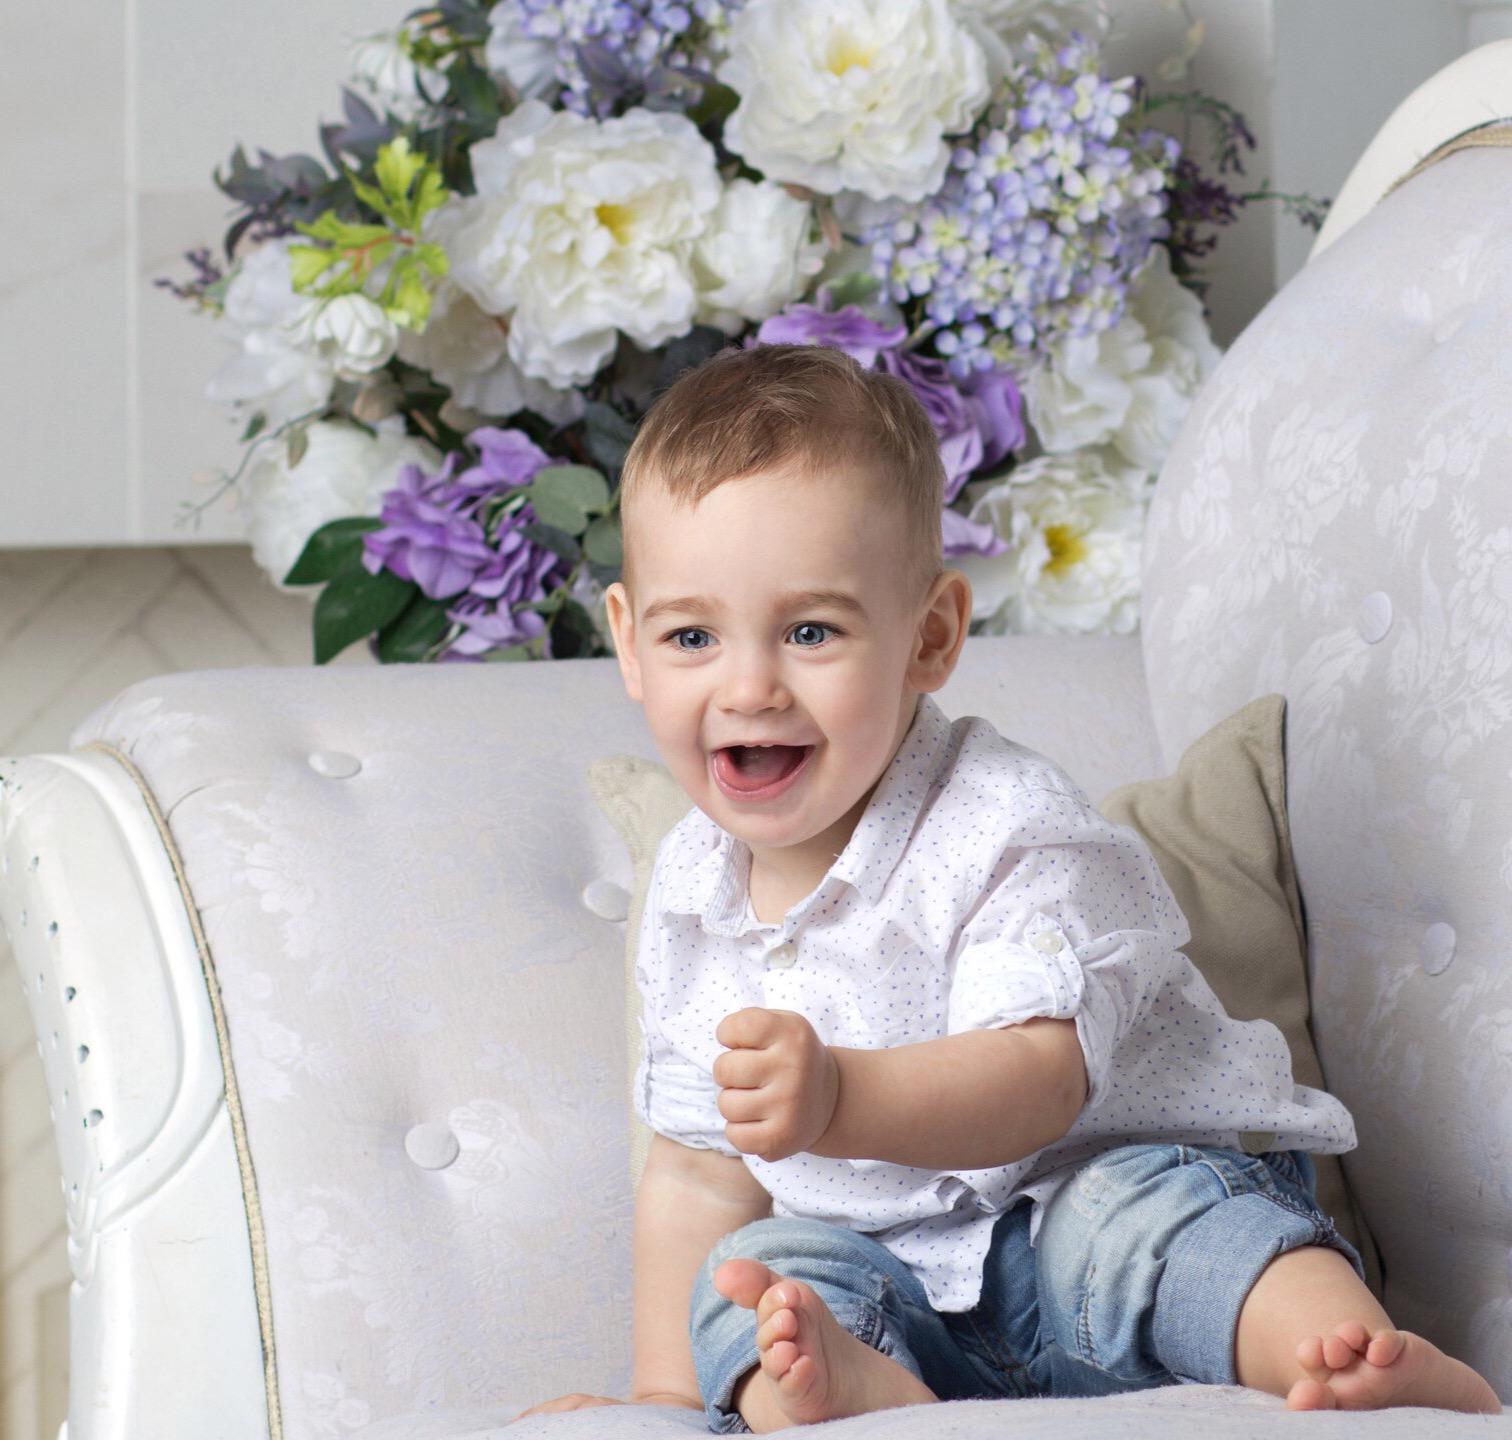 Радостный Егорушку . С улыбкой по жизни